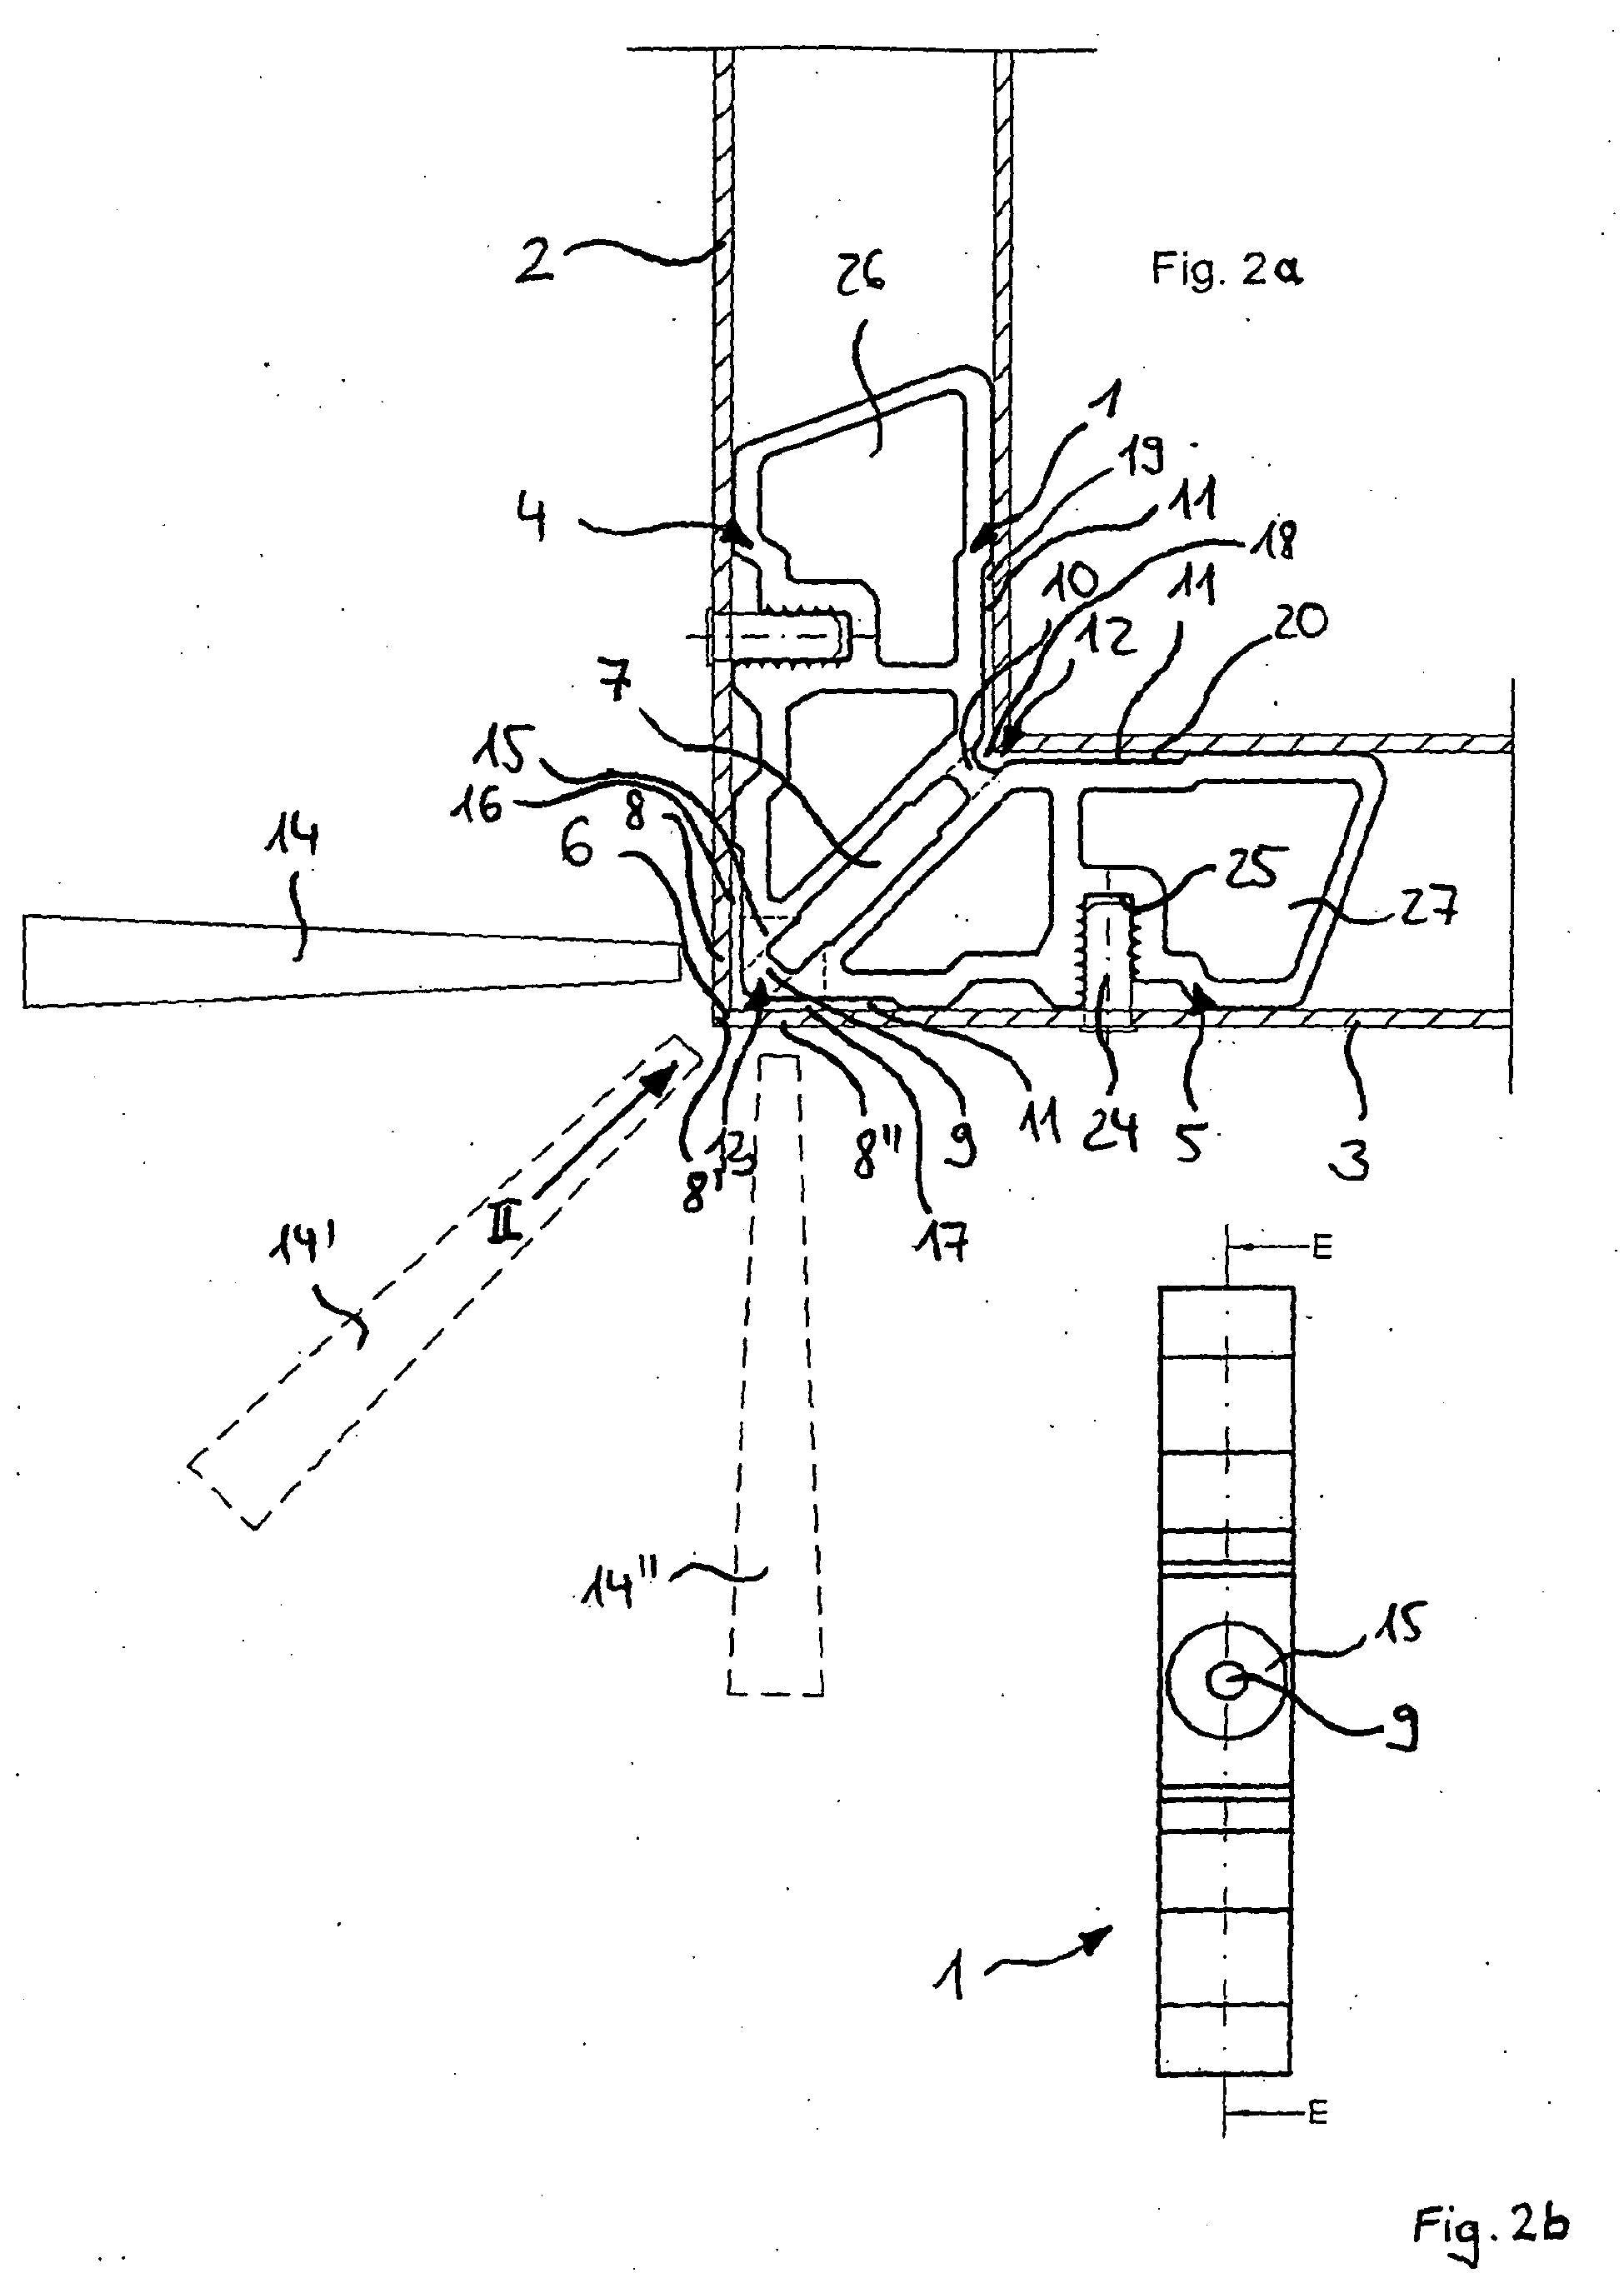 Patent ep1580389b1 joint d 39 angle pour un assemblage onglet des profiles creux de fen tres ou - Assemblage coupe d onglet ...